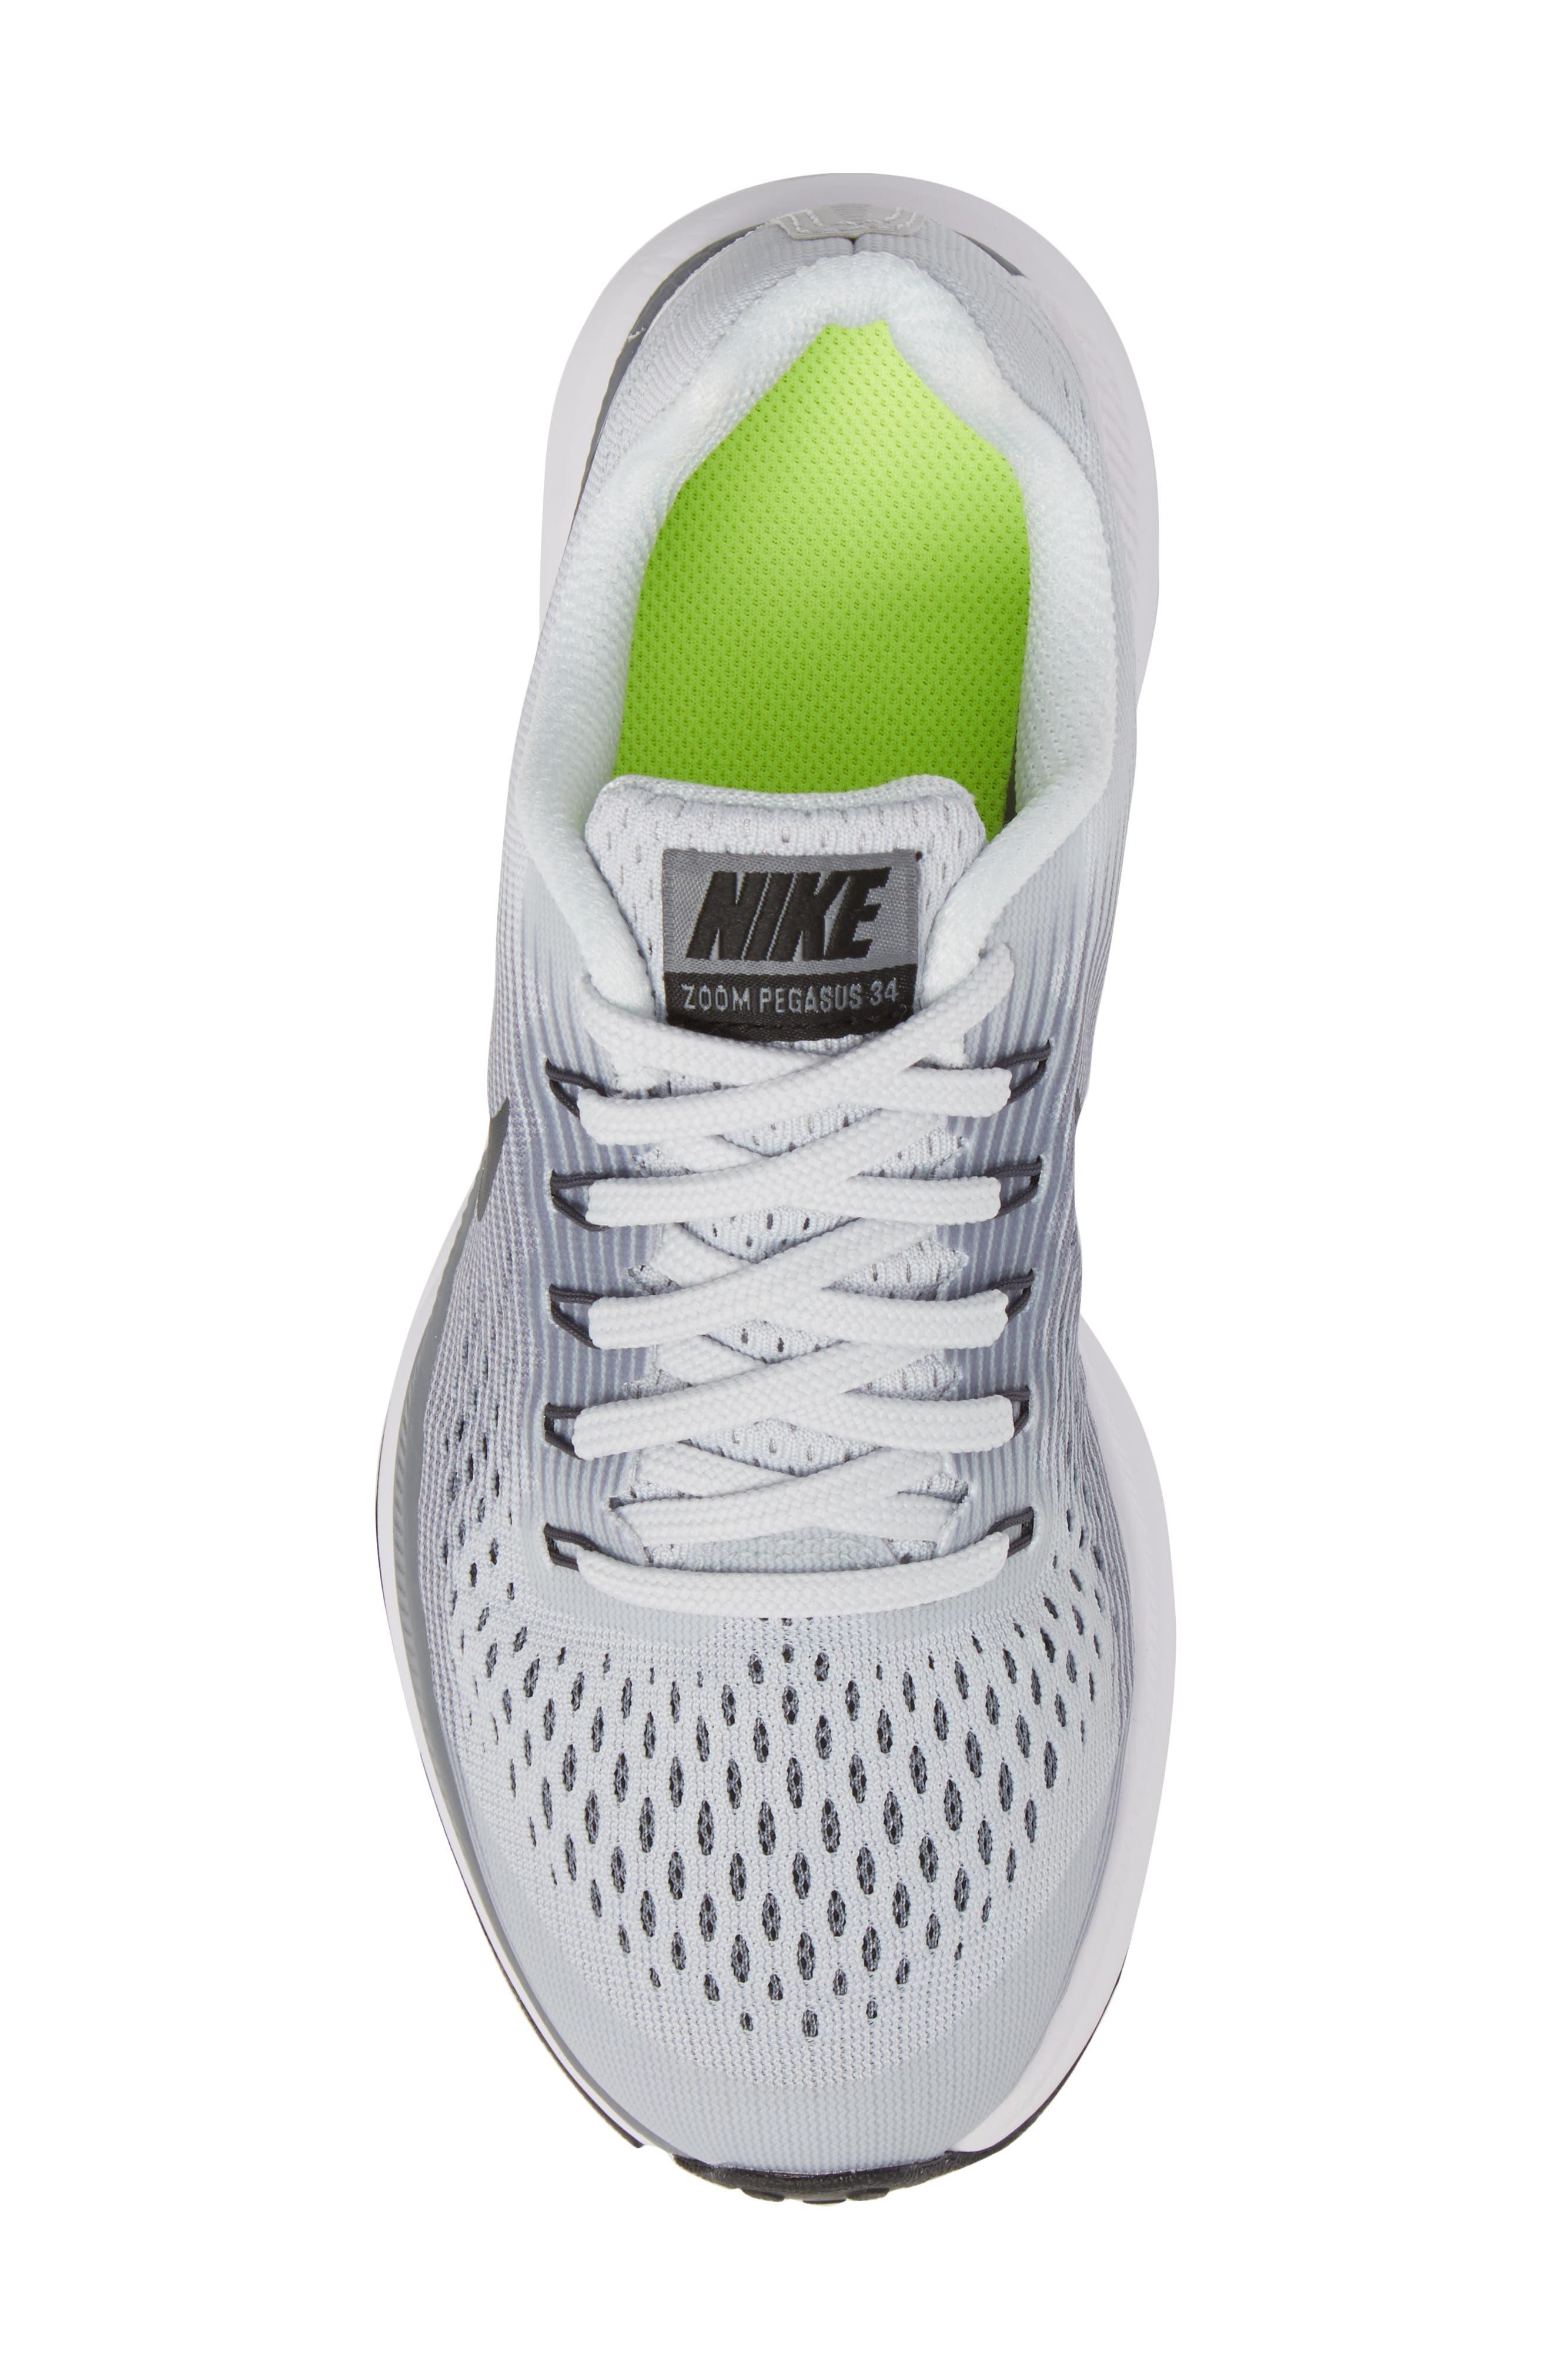 Zoom Pegasus 34 Sneaker,                             Alternate thumbnail 35, color,